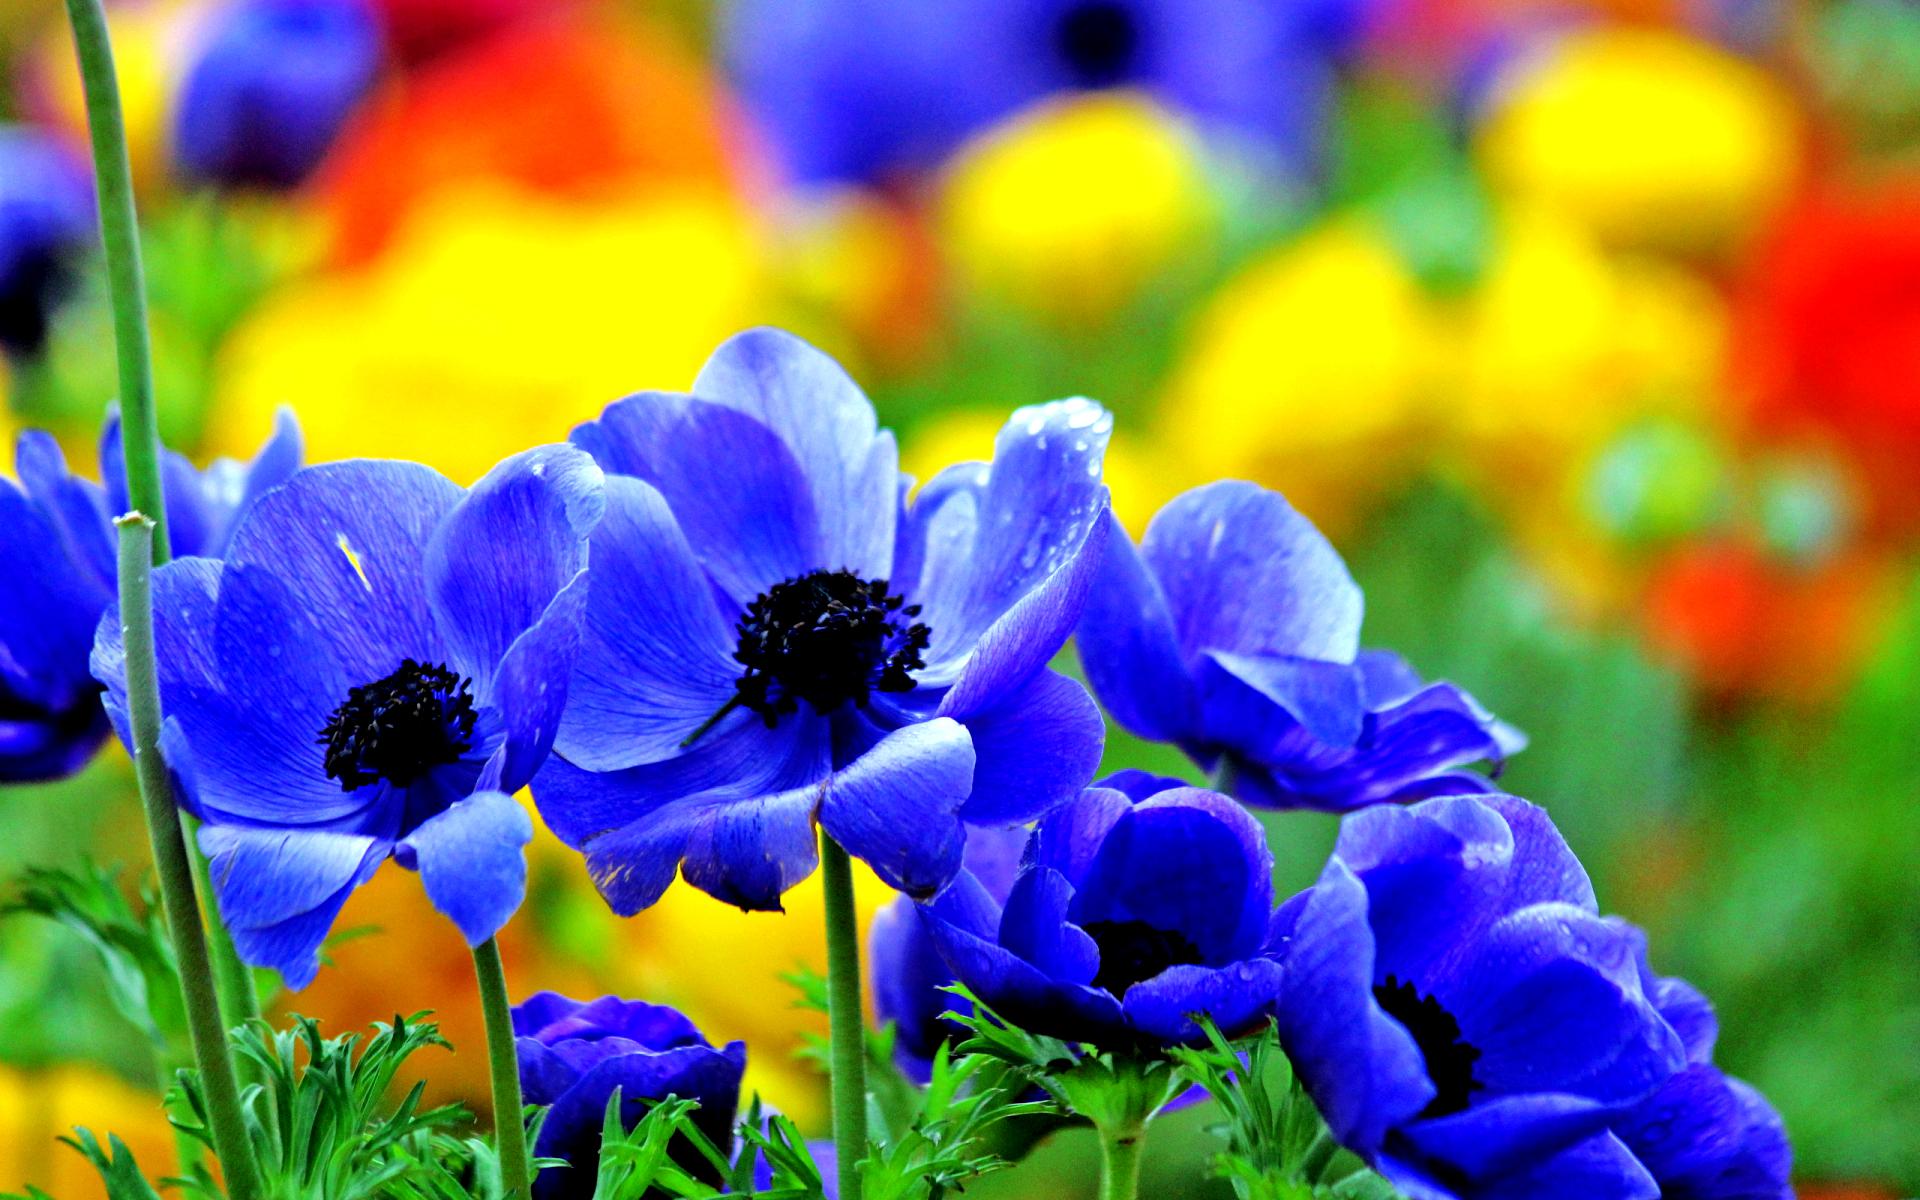 blue flowers vivid - HD Desktop Wallpapers | 4k HD